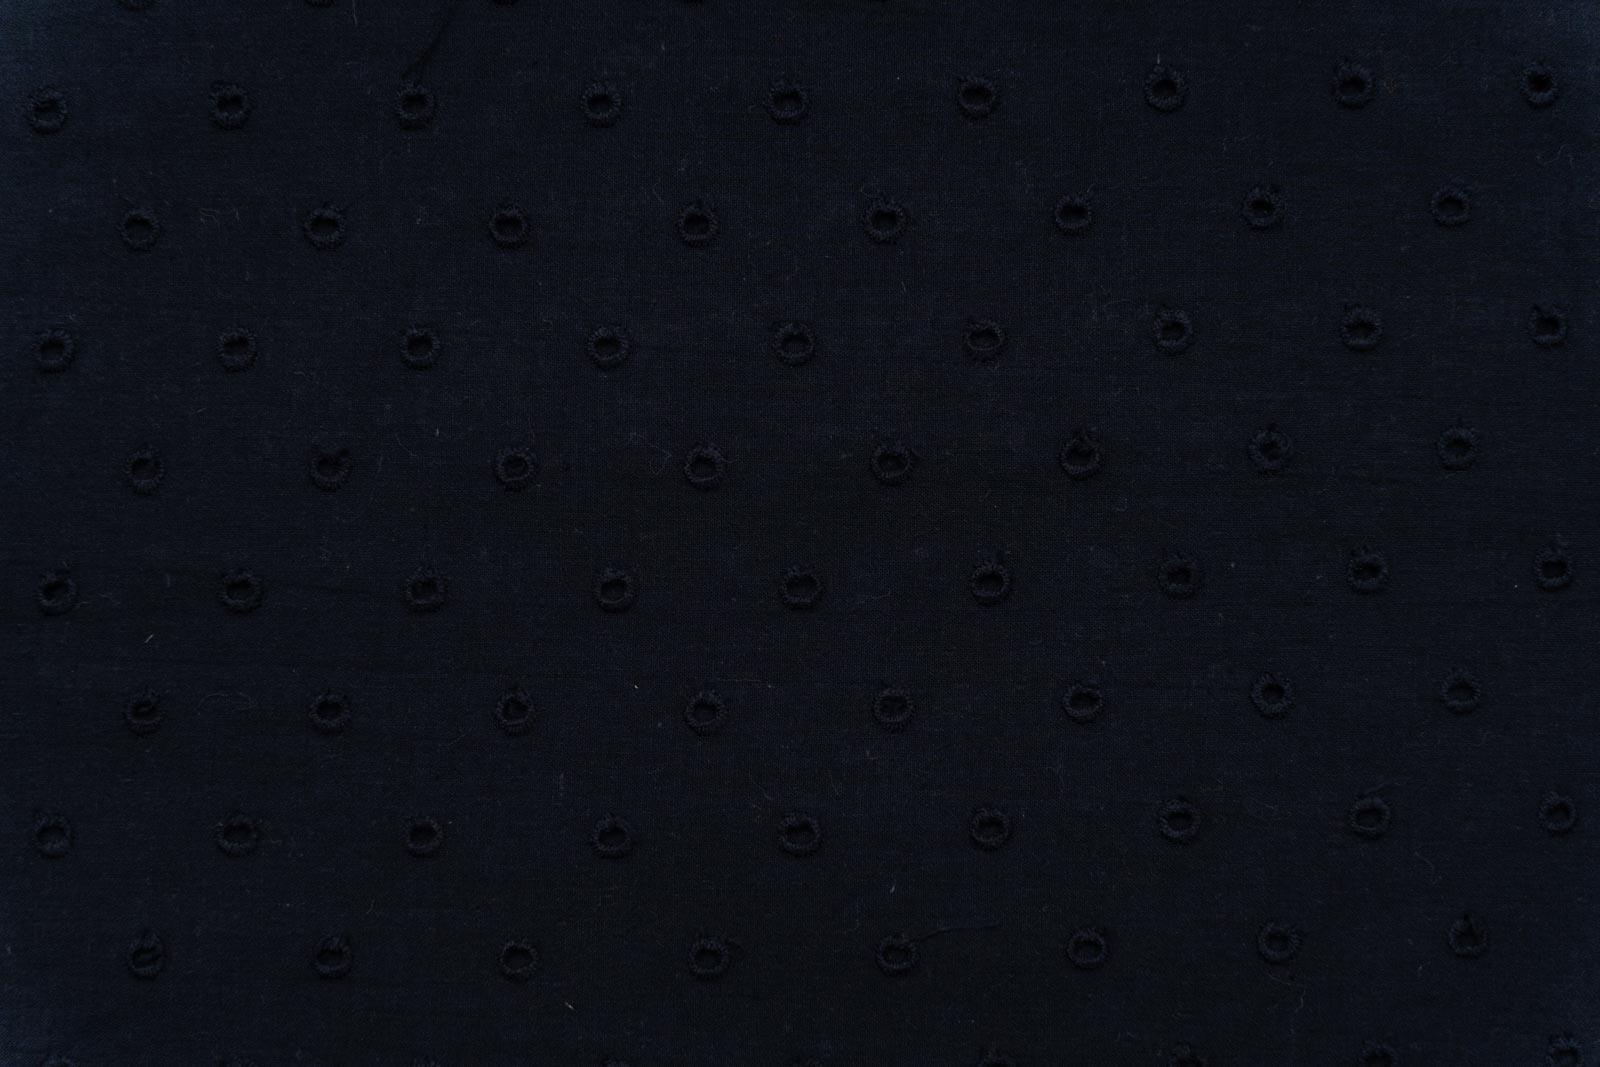 Black Chikankari Embroidered Fabric